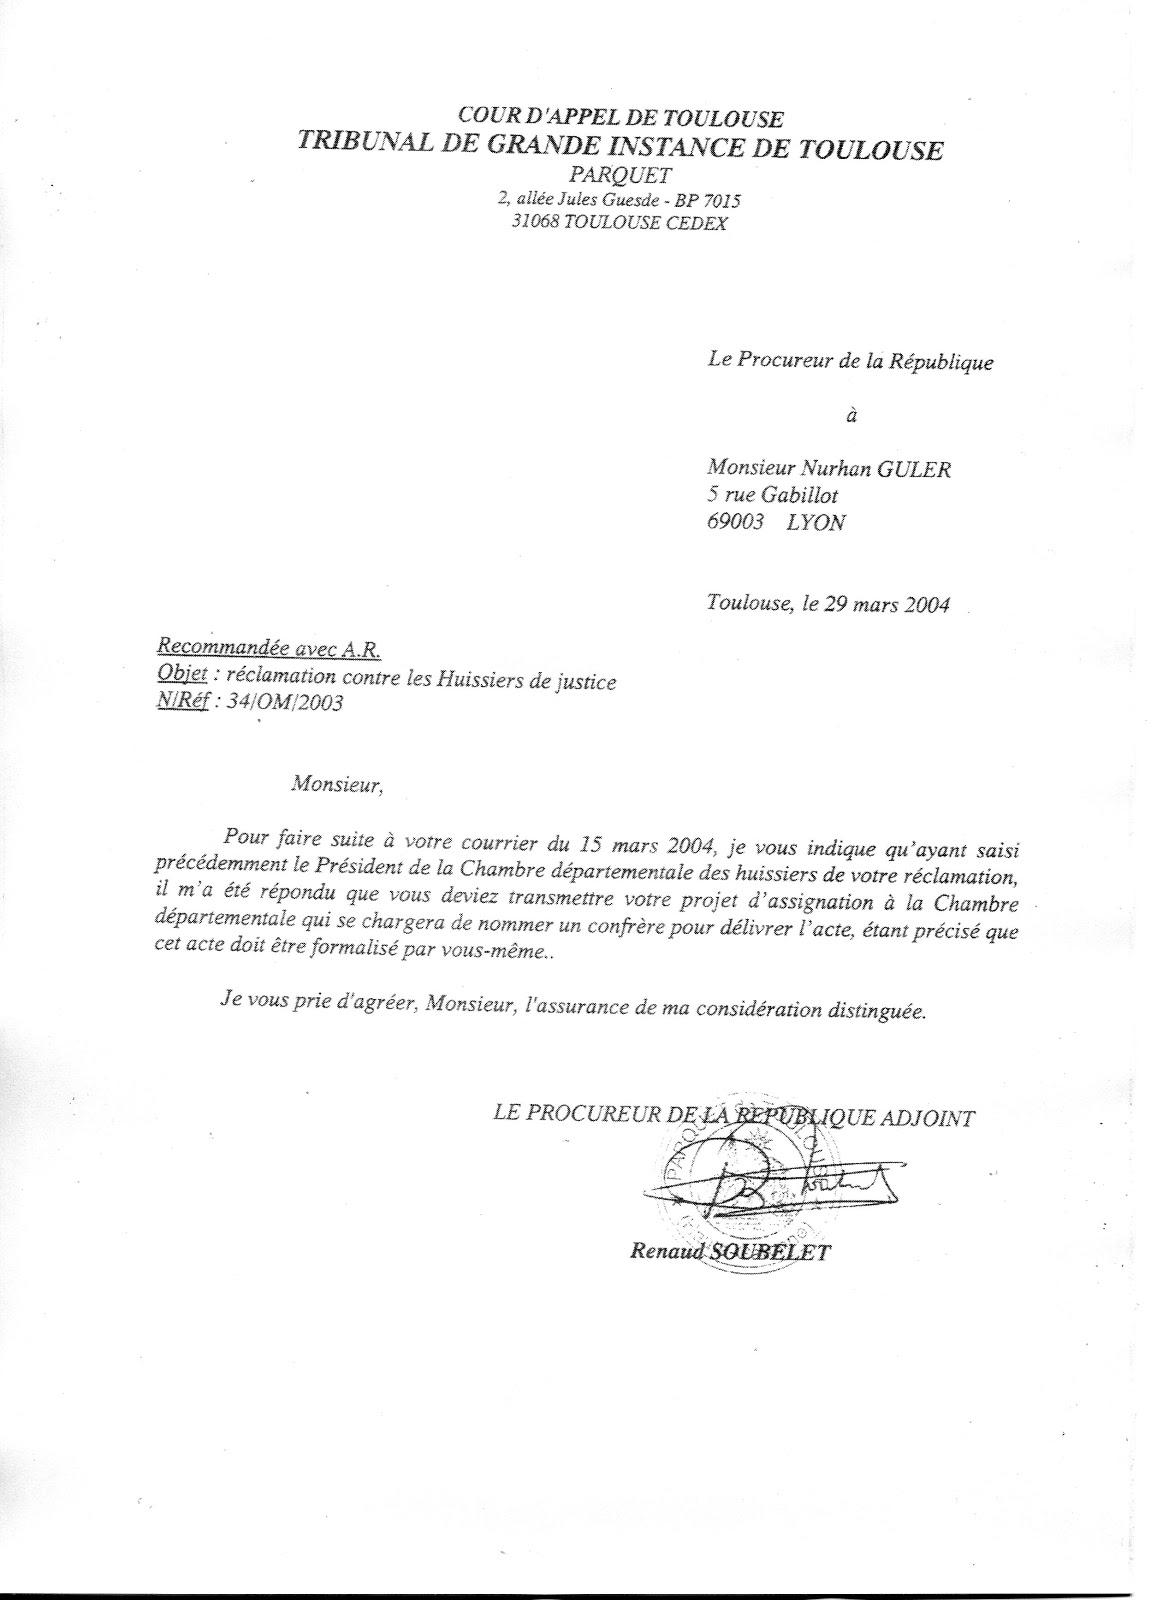 La mafia juridique la d ni de justice chronique toulouse - Chambre departementale des huissiers de justice ...